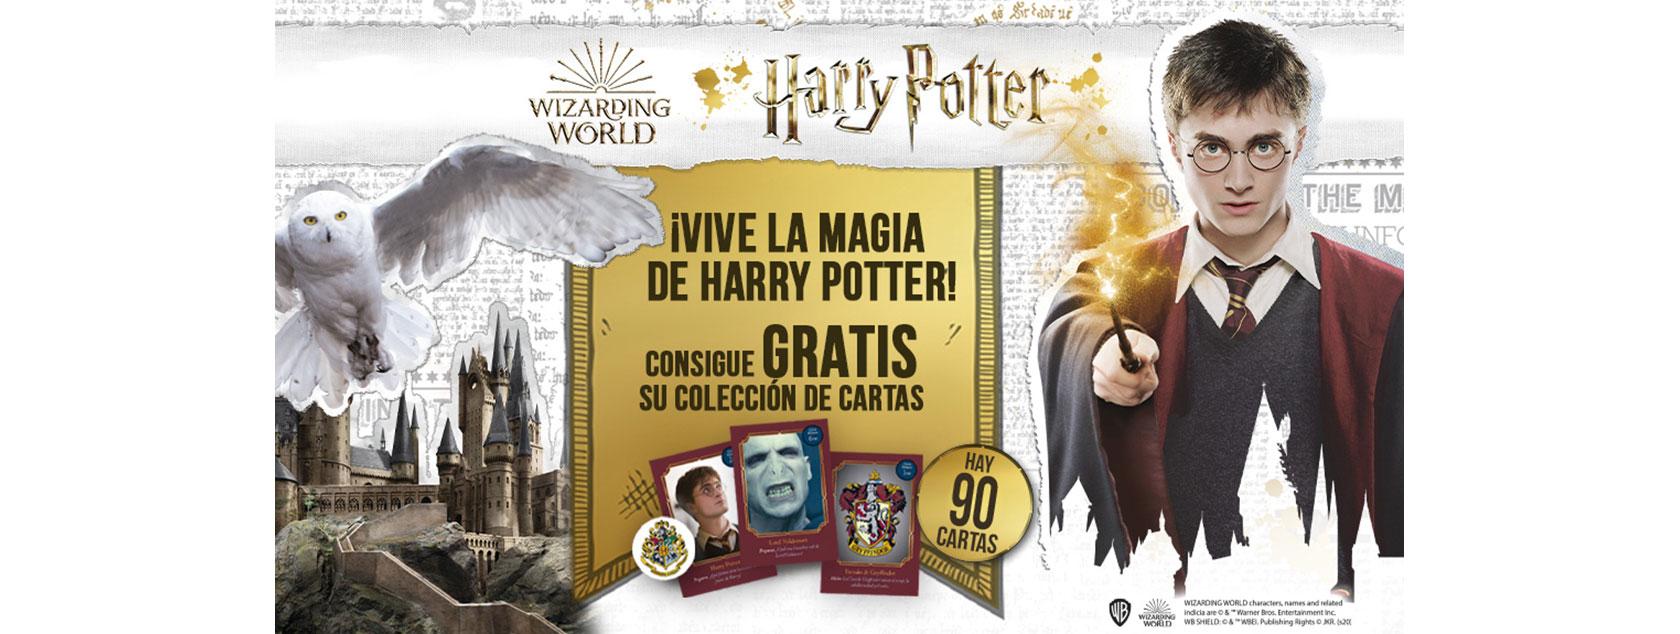 ¡Vive la magia de Harry Potter!